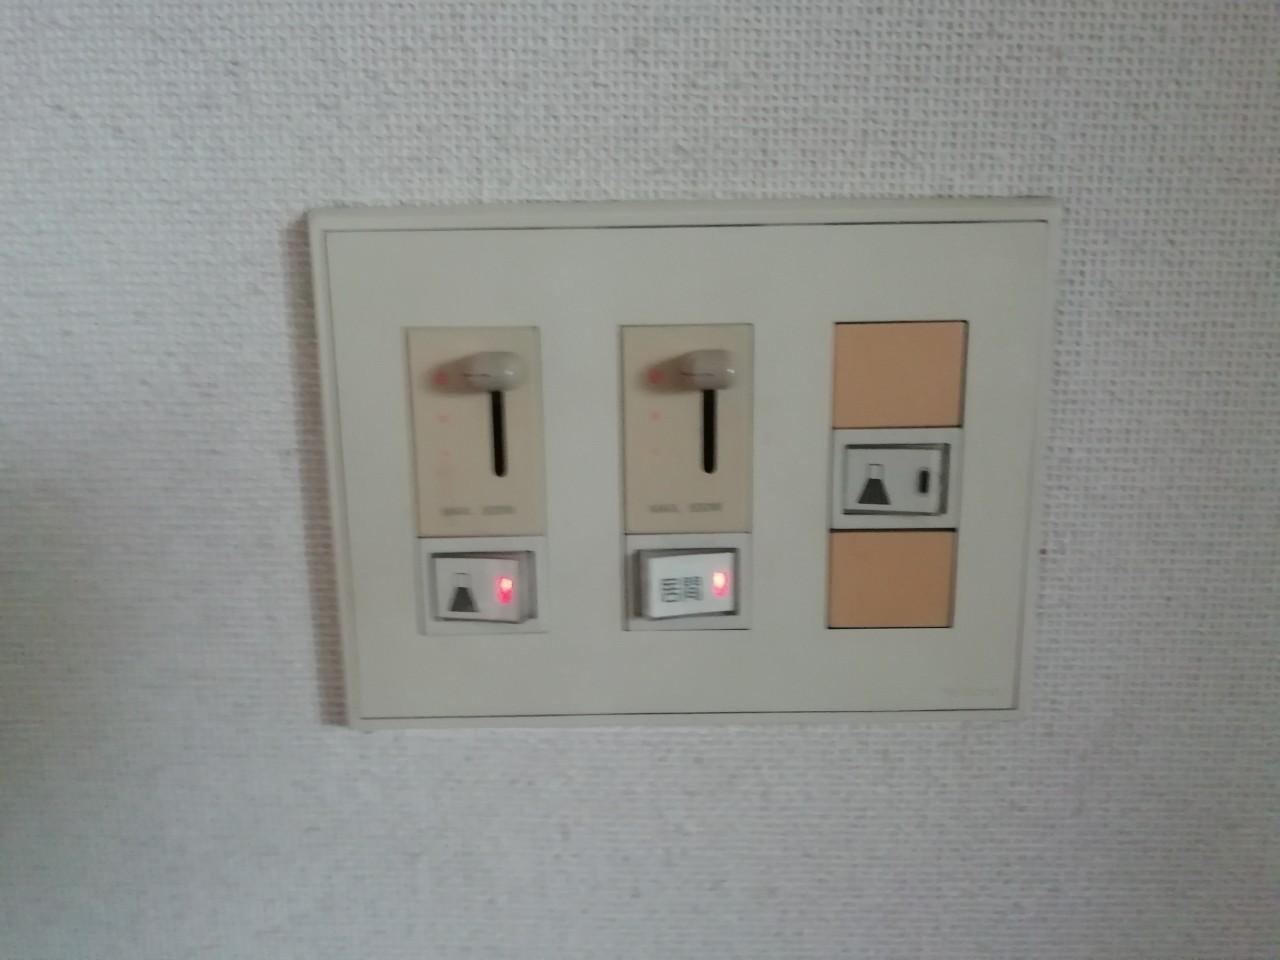 照明のスイッチ交換|京都市北区大宮